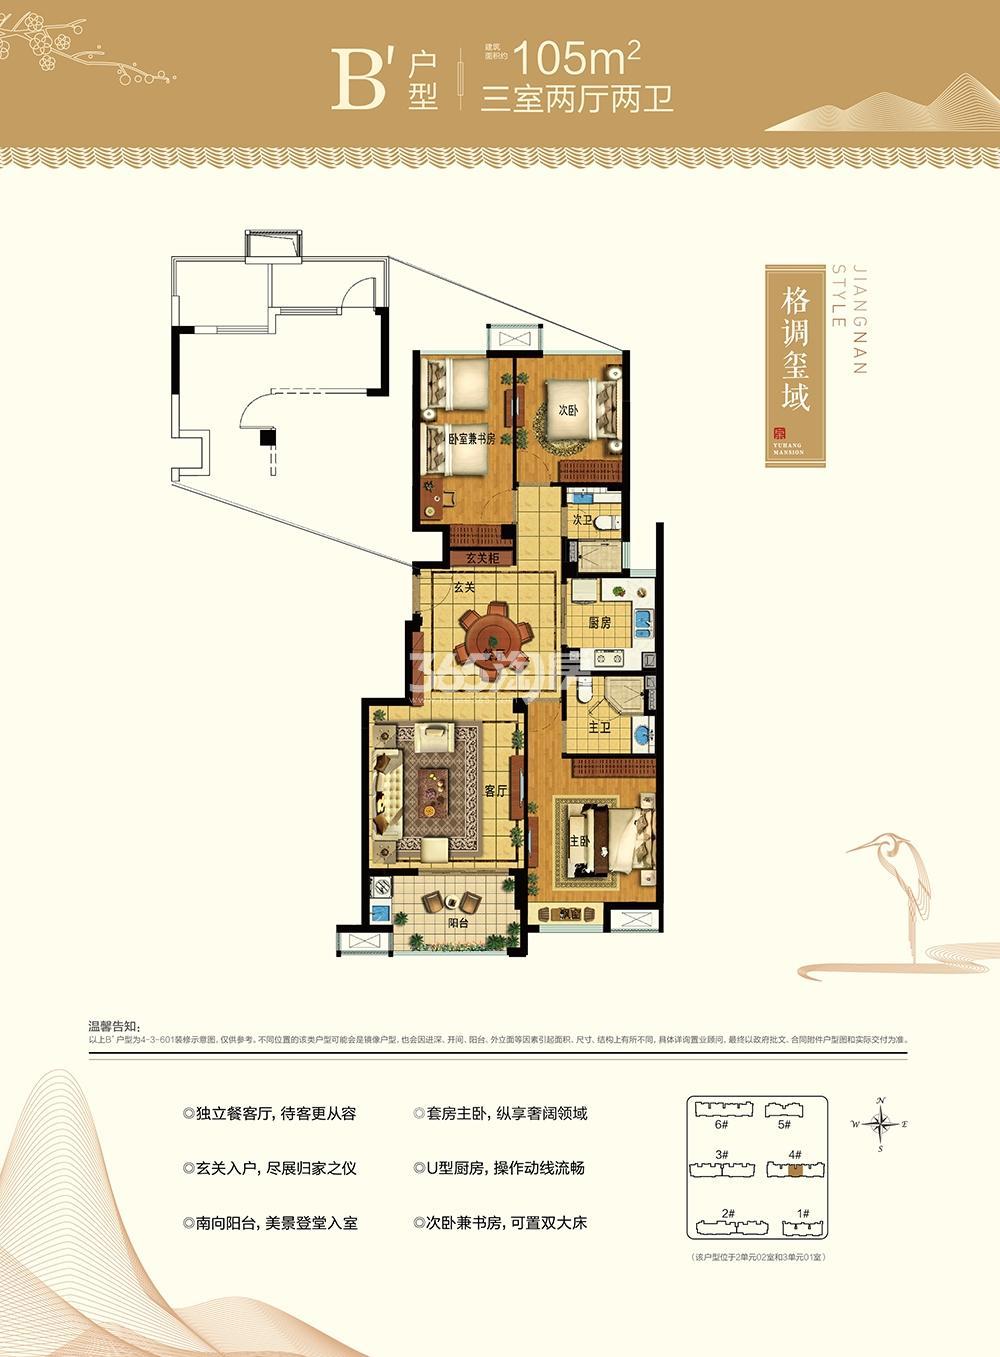 西房余杭公馆4号楼B'户型105方户型图